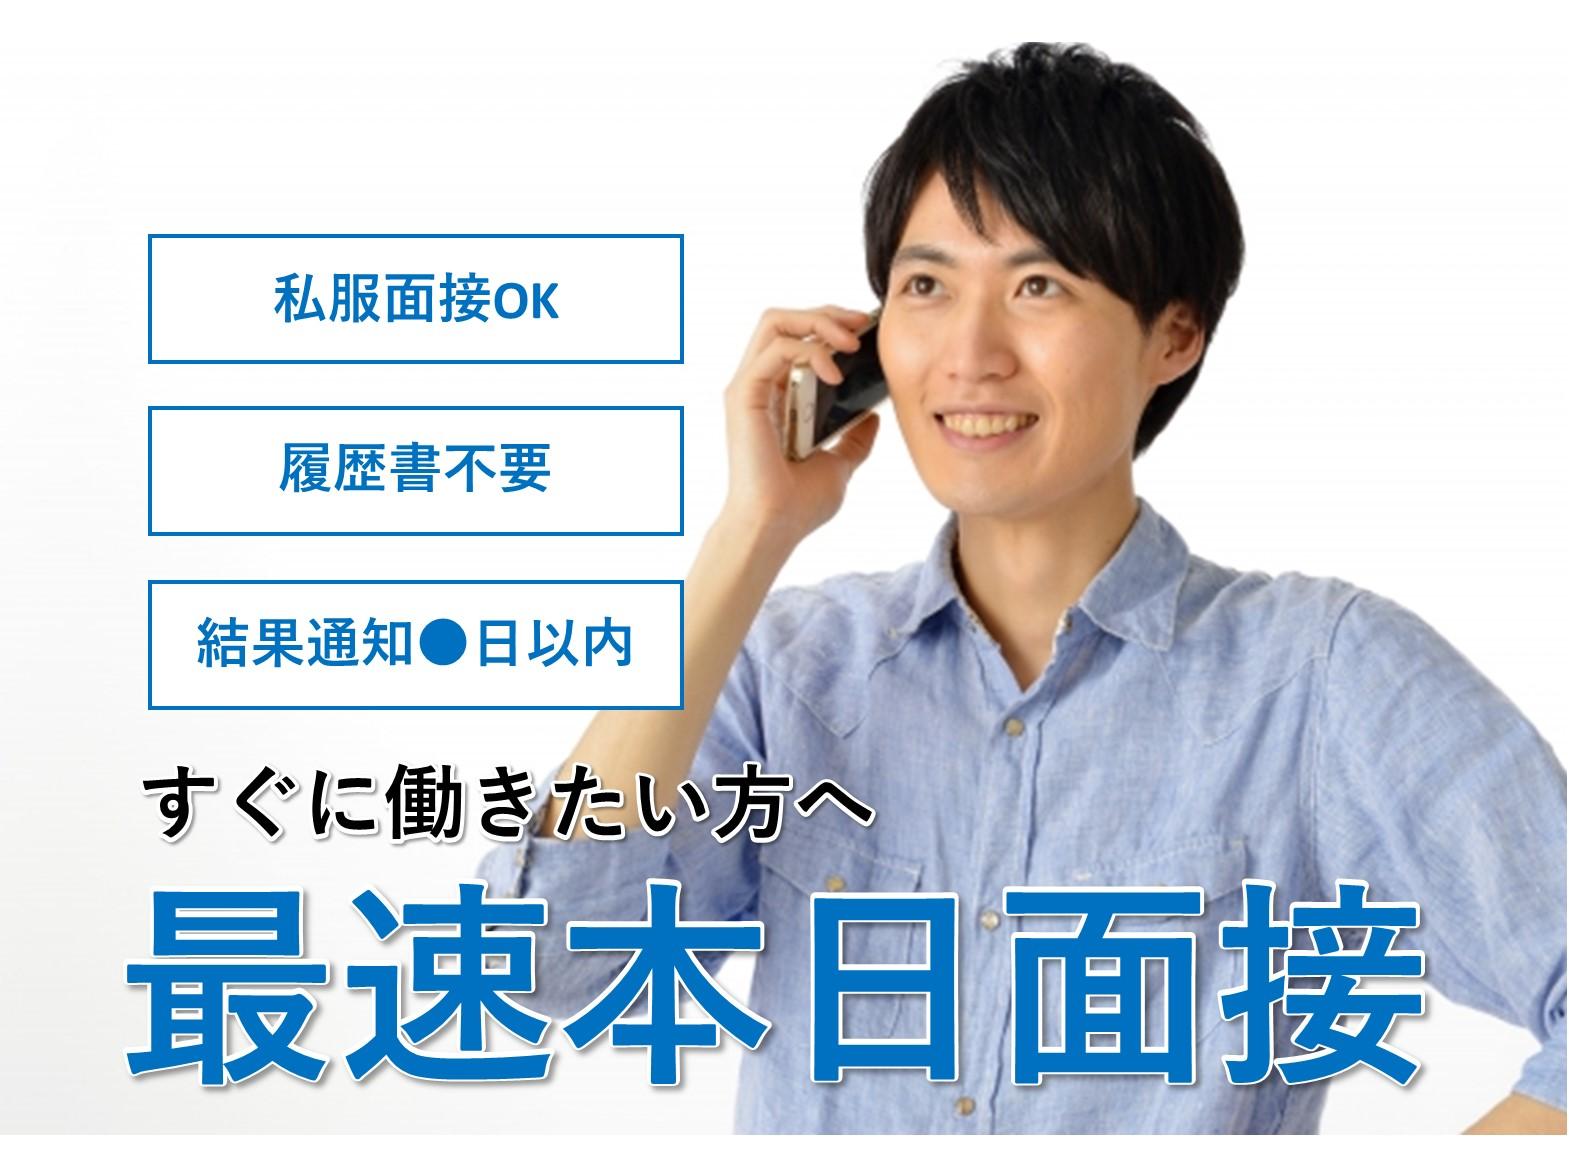 伊万里・求人ナビ/2019年5月13日最新情報